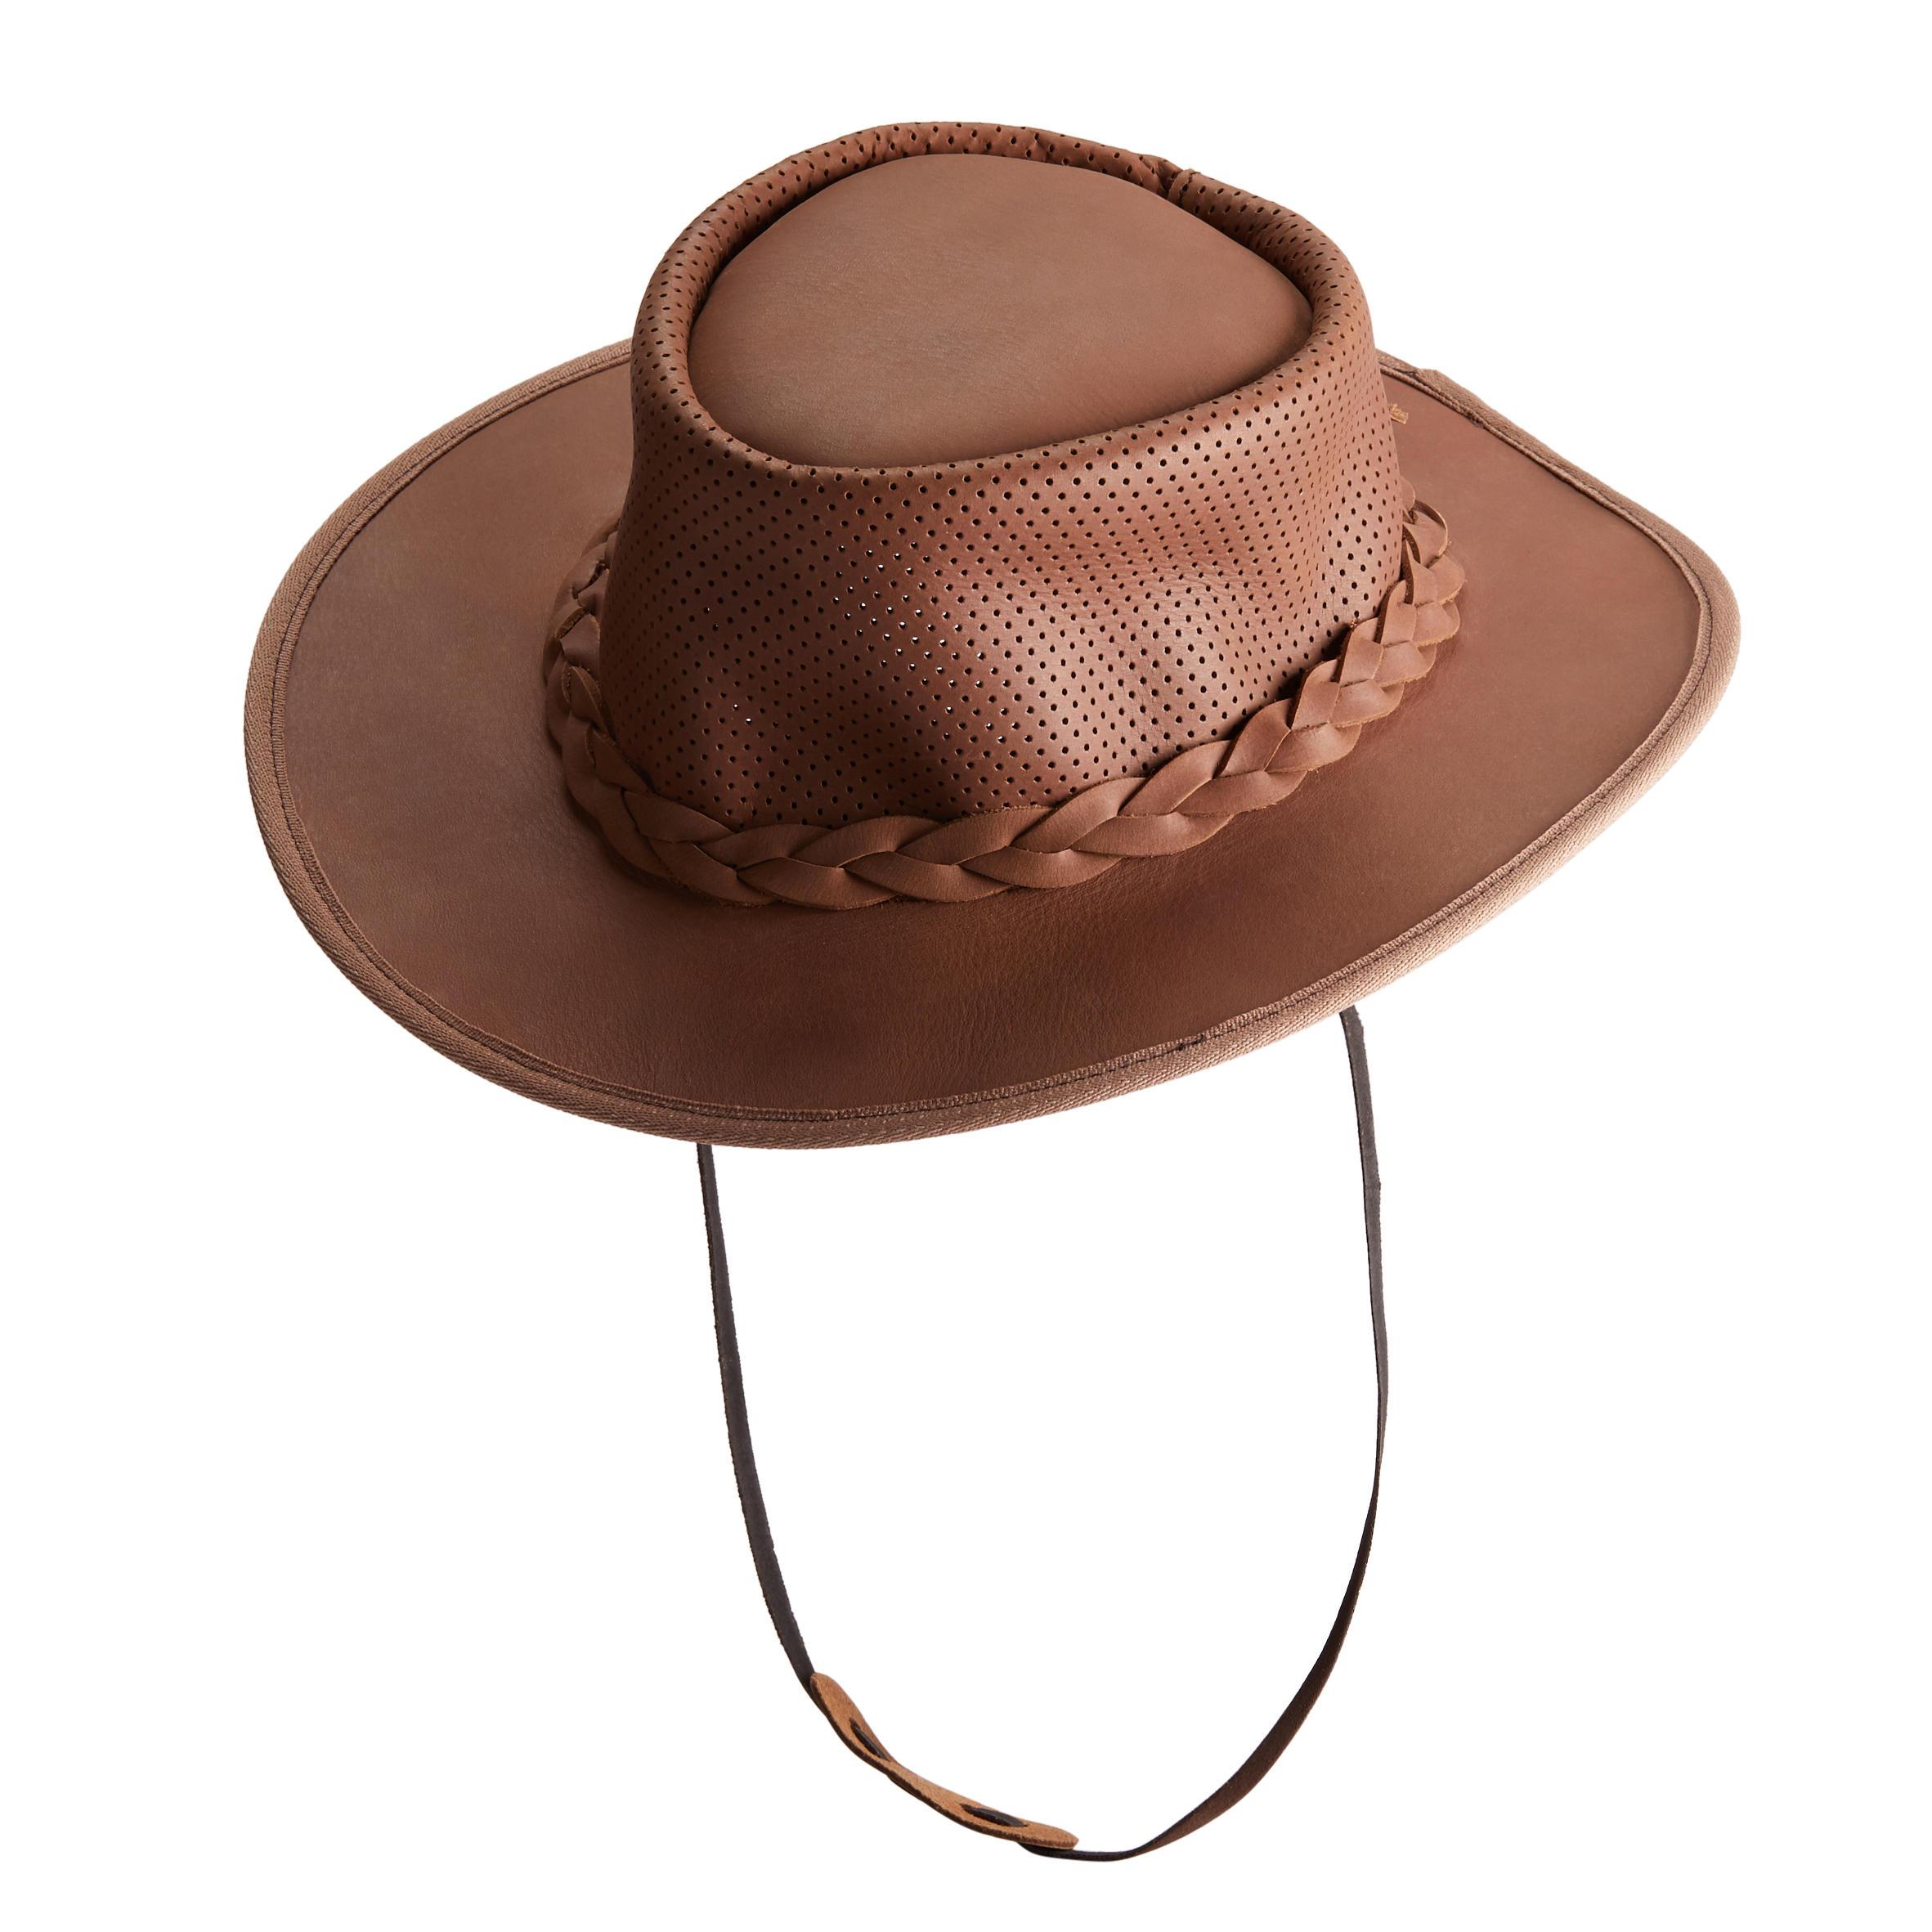 Pălărie CROSSOVER maro imagine produs